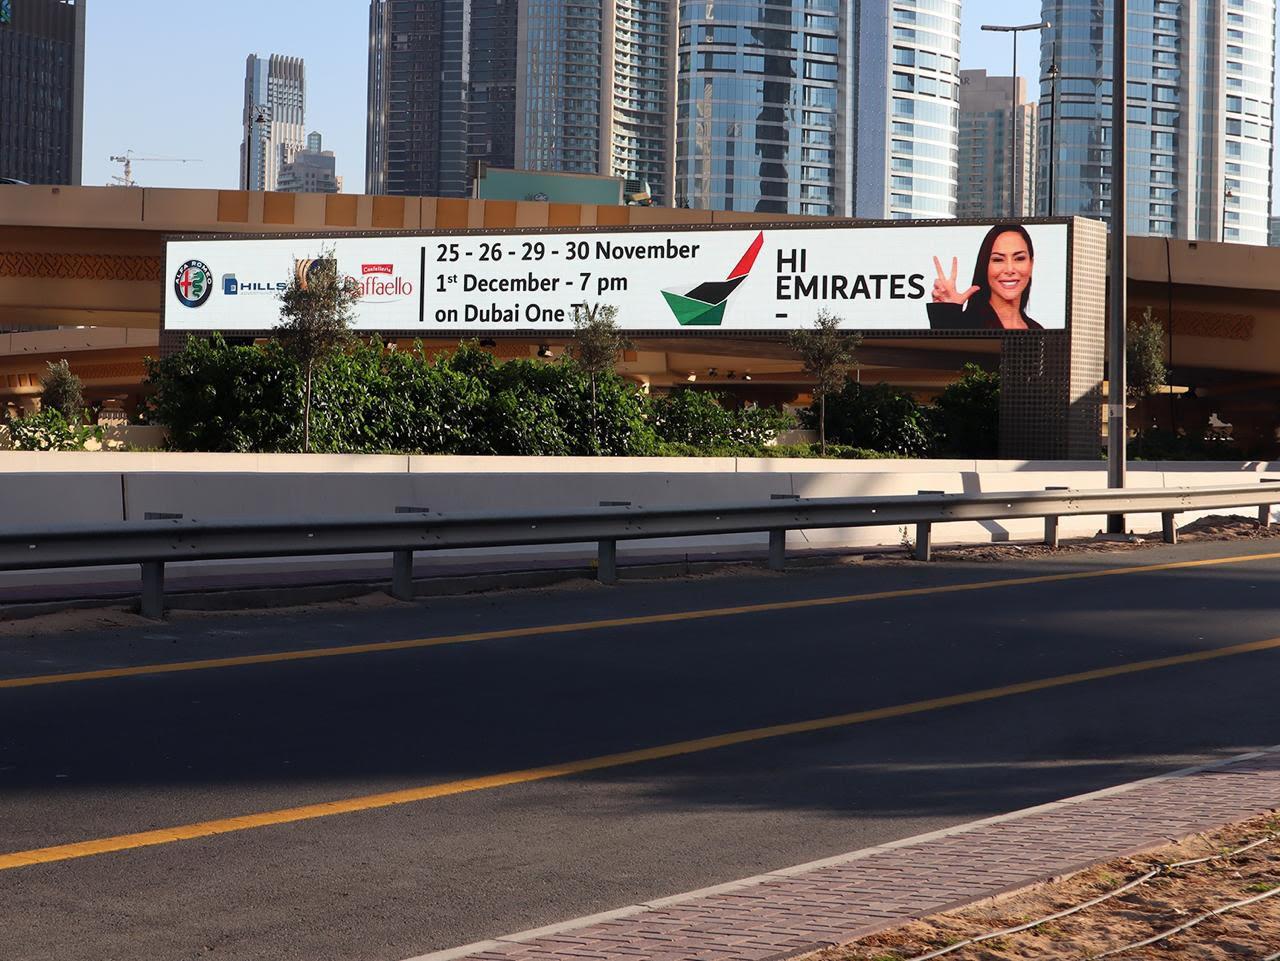 Benedetta Paravia Hi Emirates cartelloni